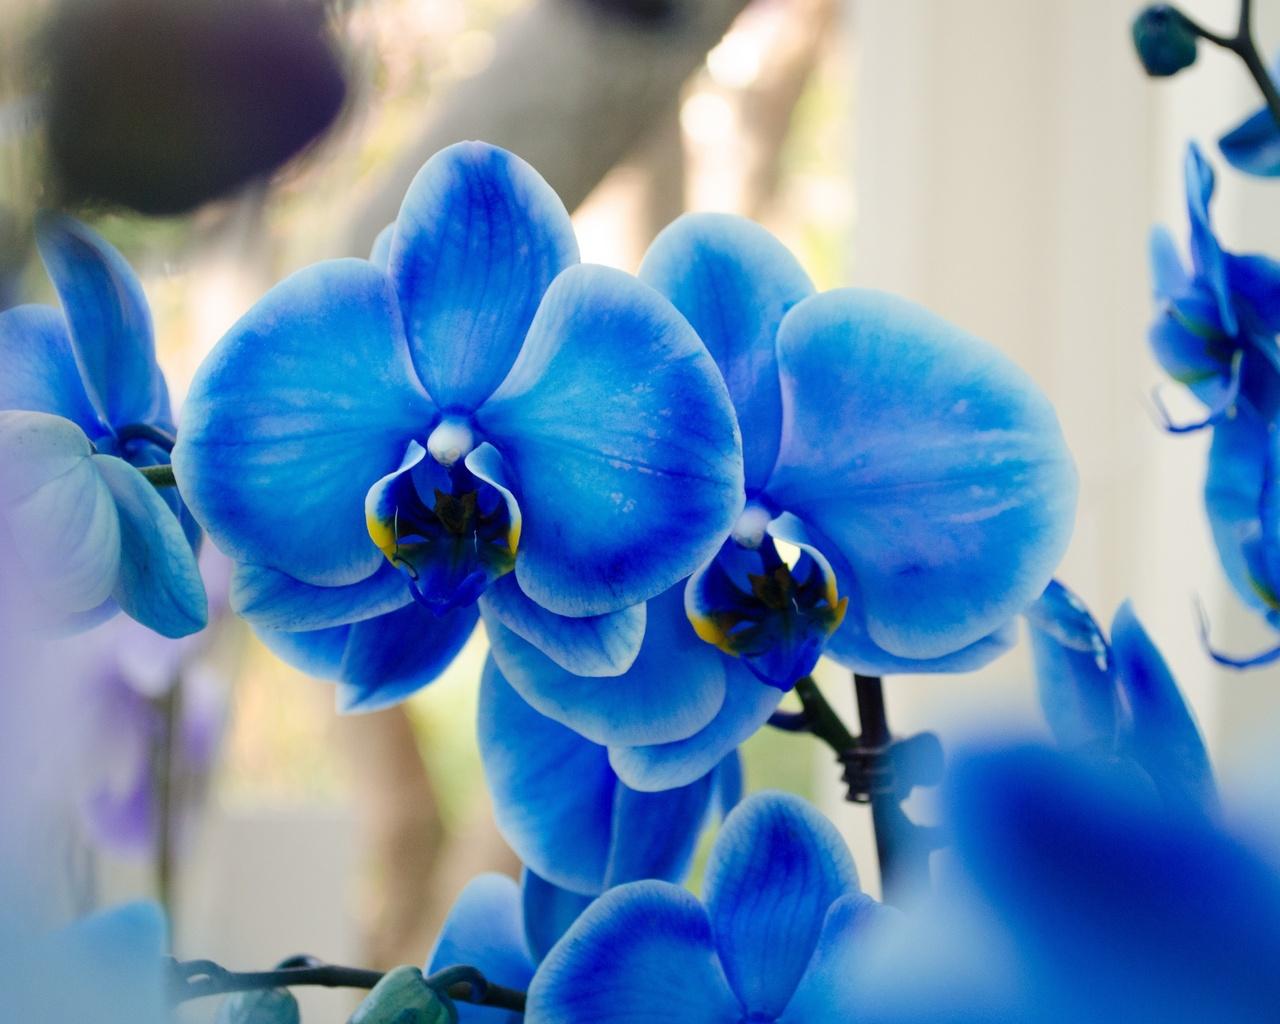 Обои на раб стол с орхидеей